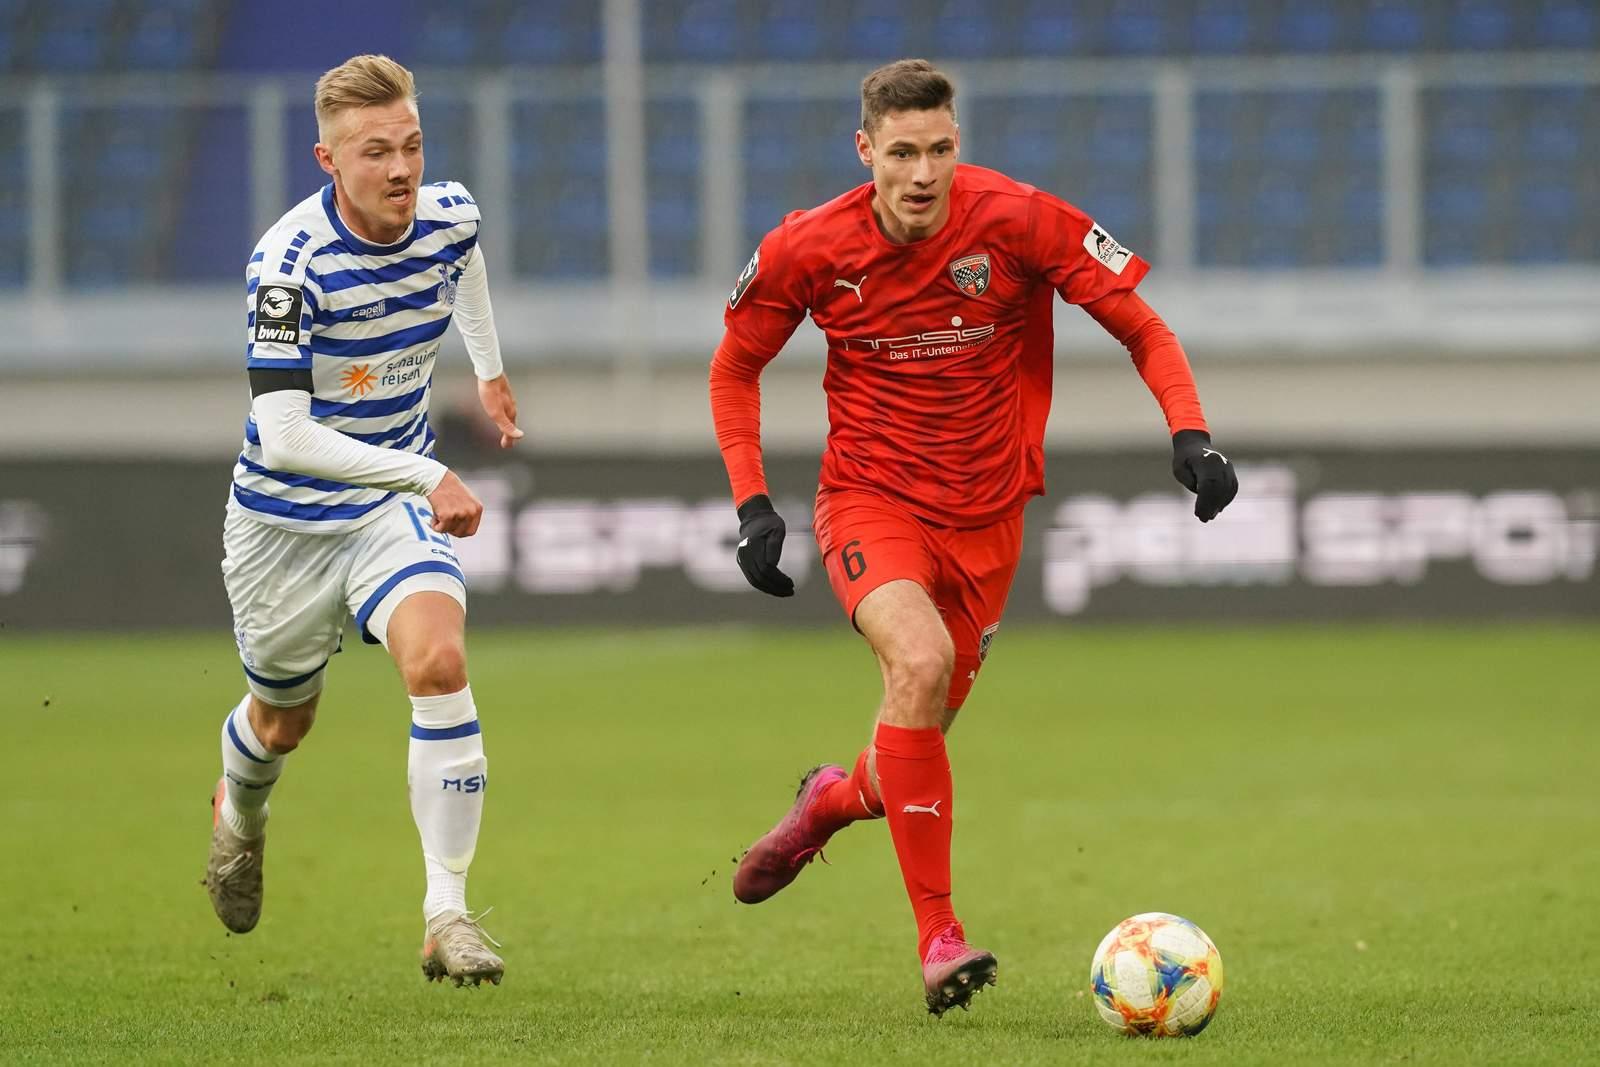 Maxi Thalhammer vom FC Ingolstadt im Spiel gegen Duisburg